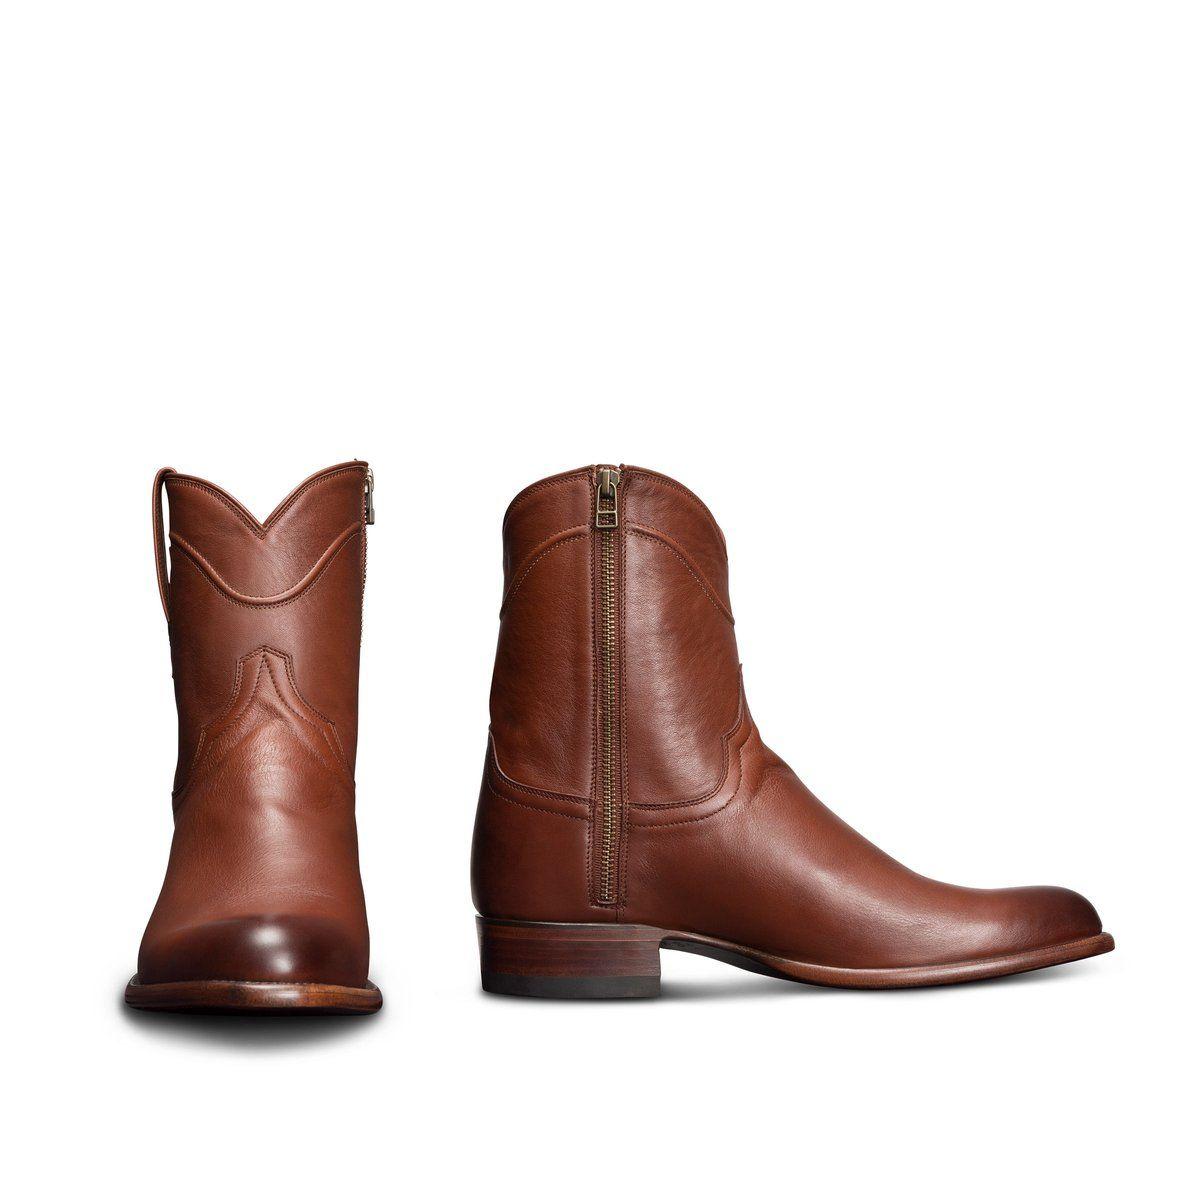 Men's Zipper Cowboy Boots - Leather